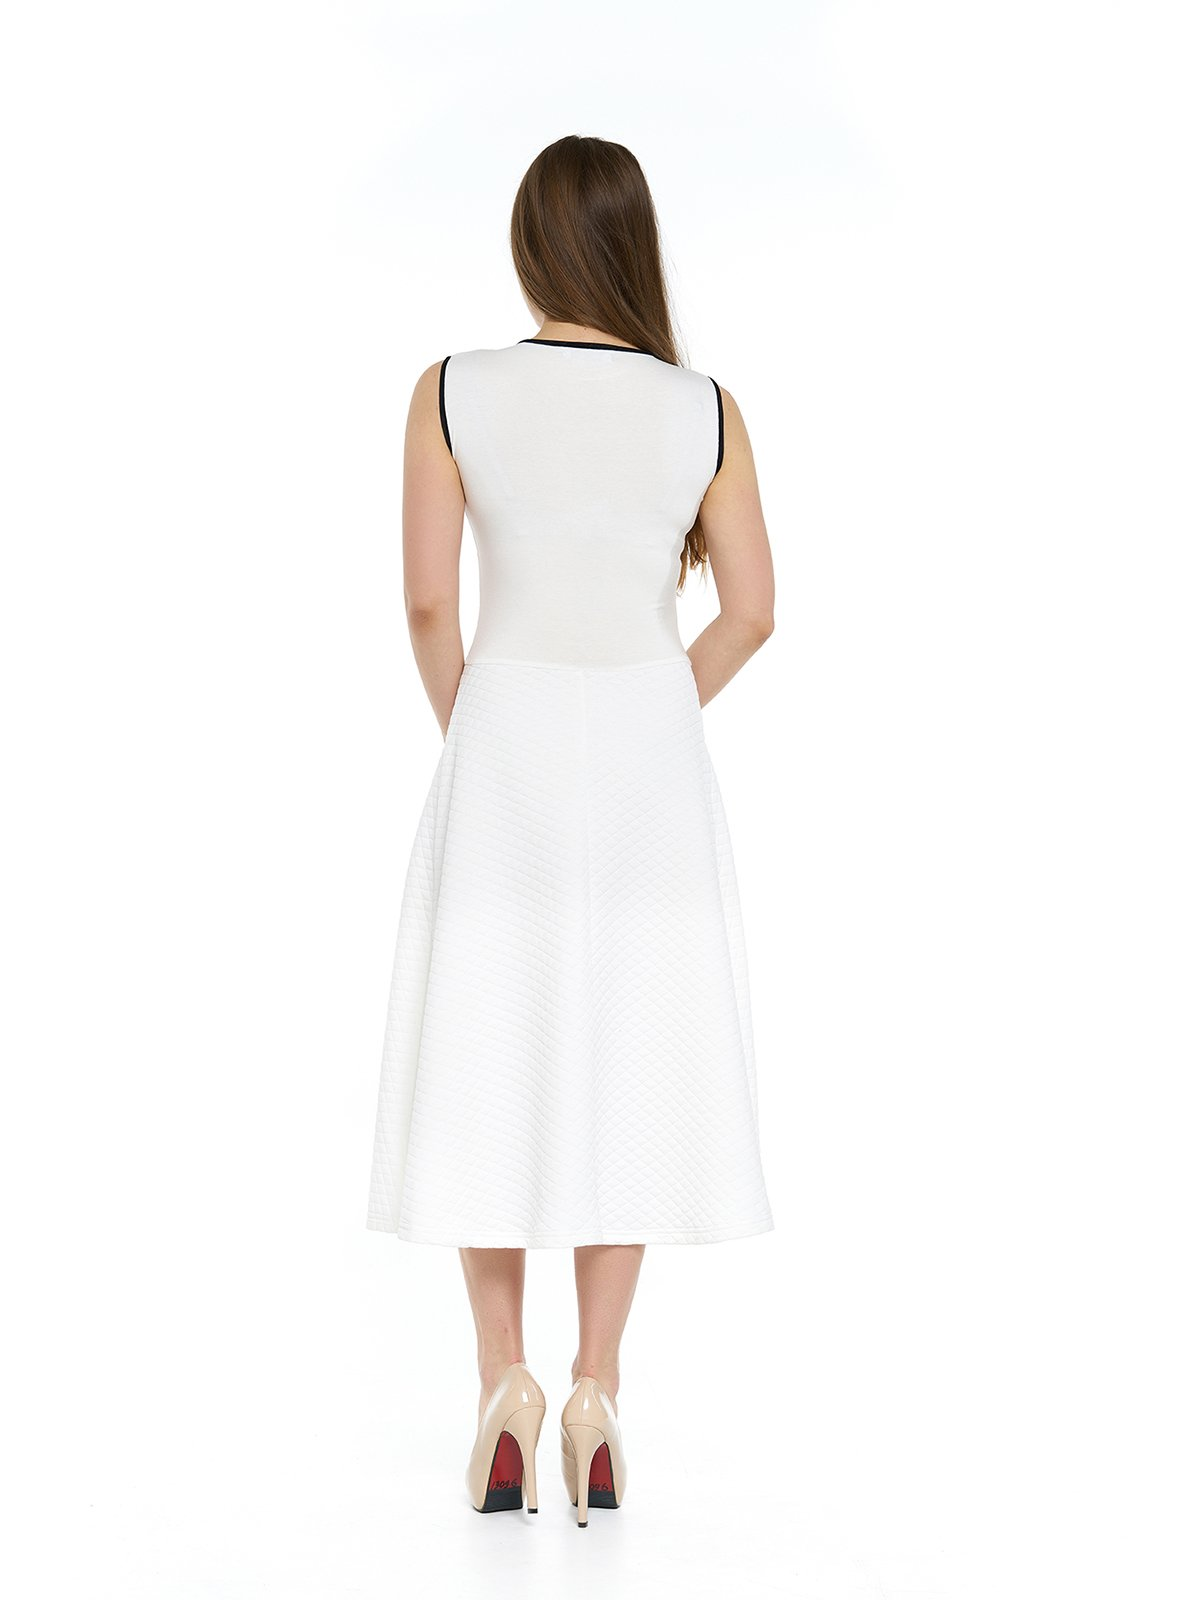 Платье молочного цвета с кружевом | 3264138 | фото 2